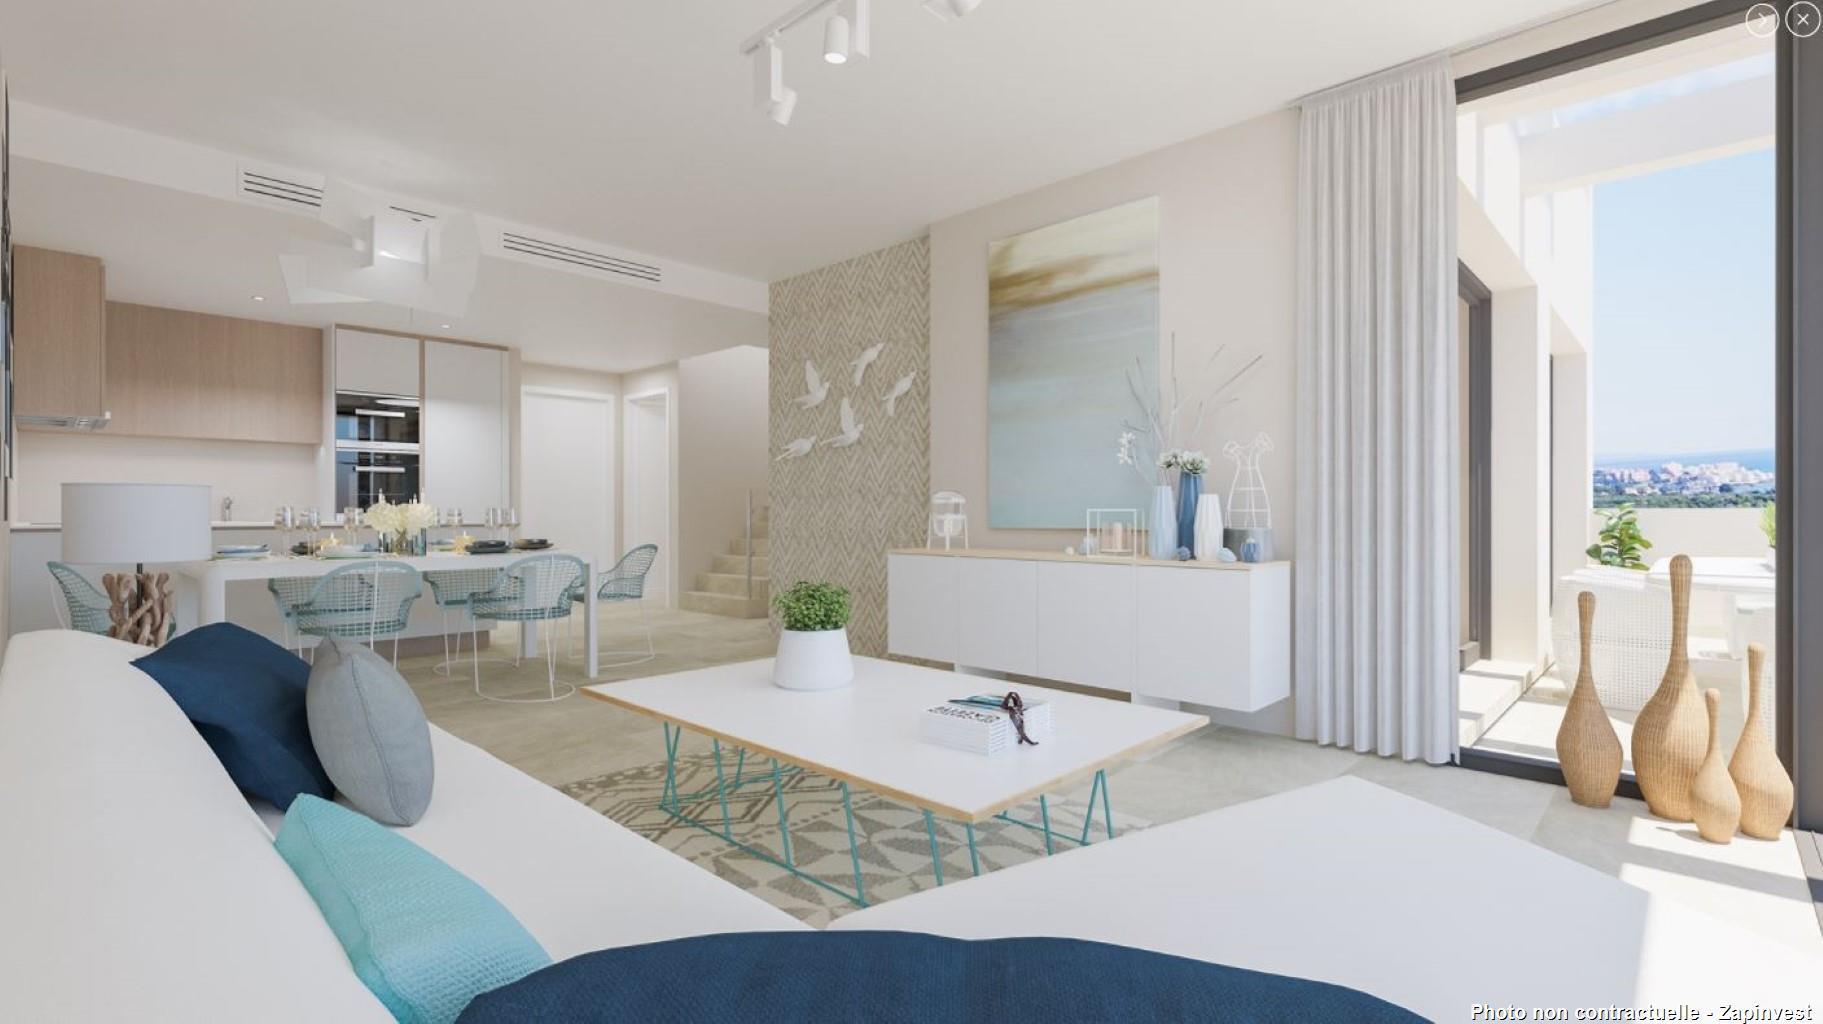 Attention, veuillez noter que le prix est à partir de 235.000€ pour un appartement 2 chambres et 2 salles de bain ! Appartement à seulement 10 minutes de la magnifique ville d'Estepona et son port de plaisance !